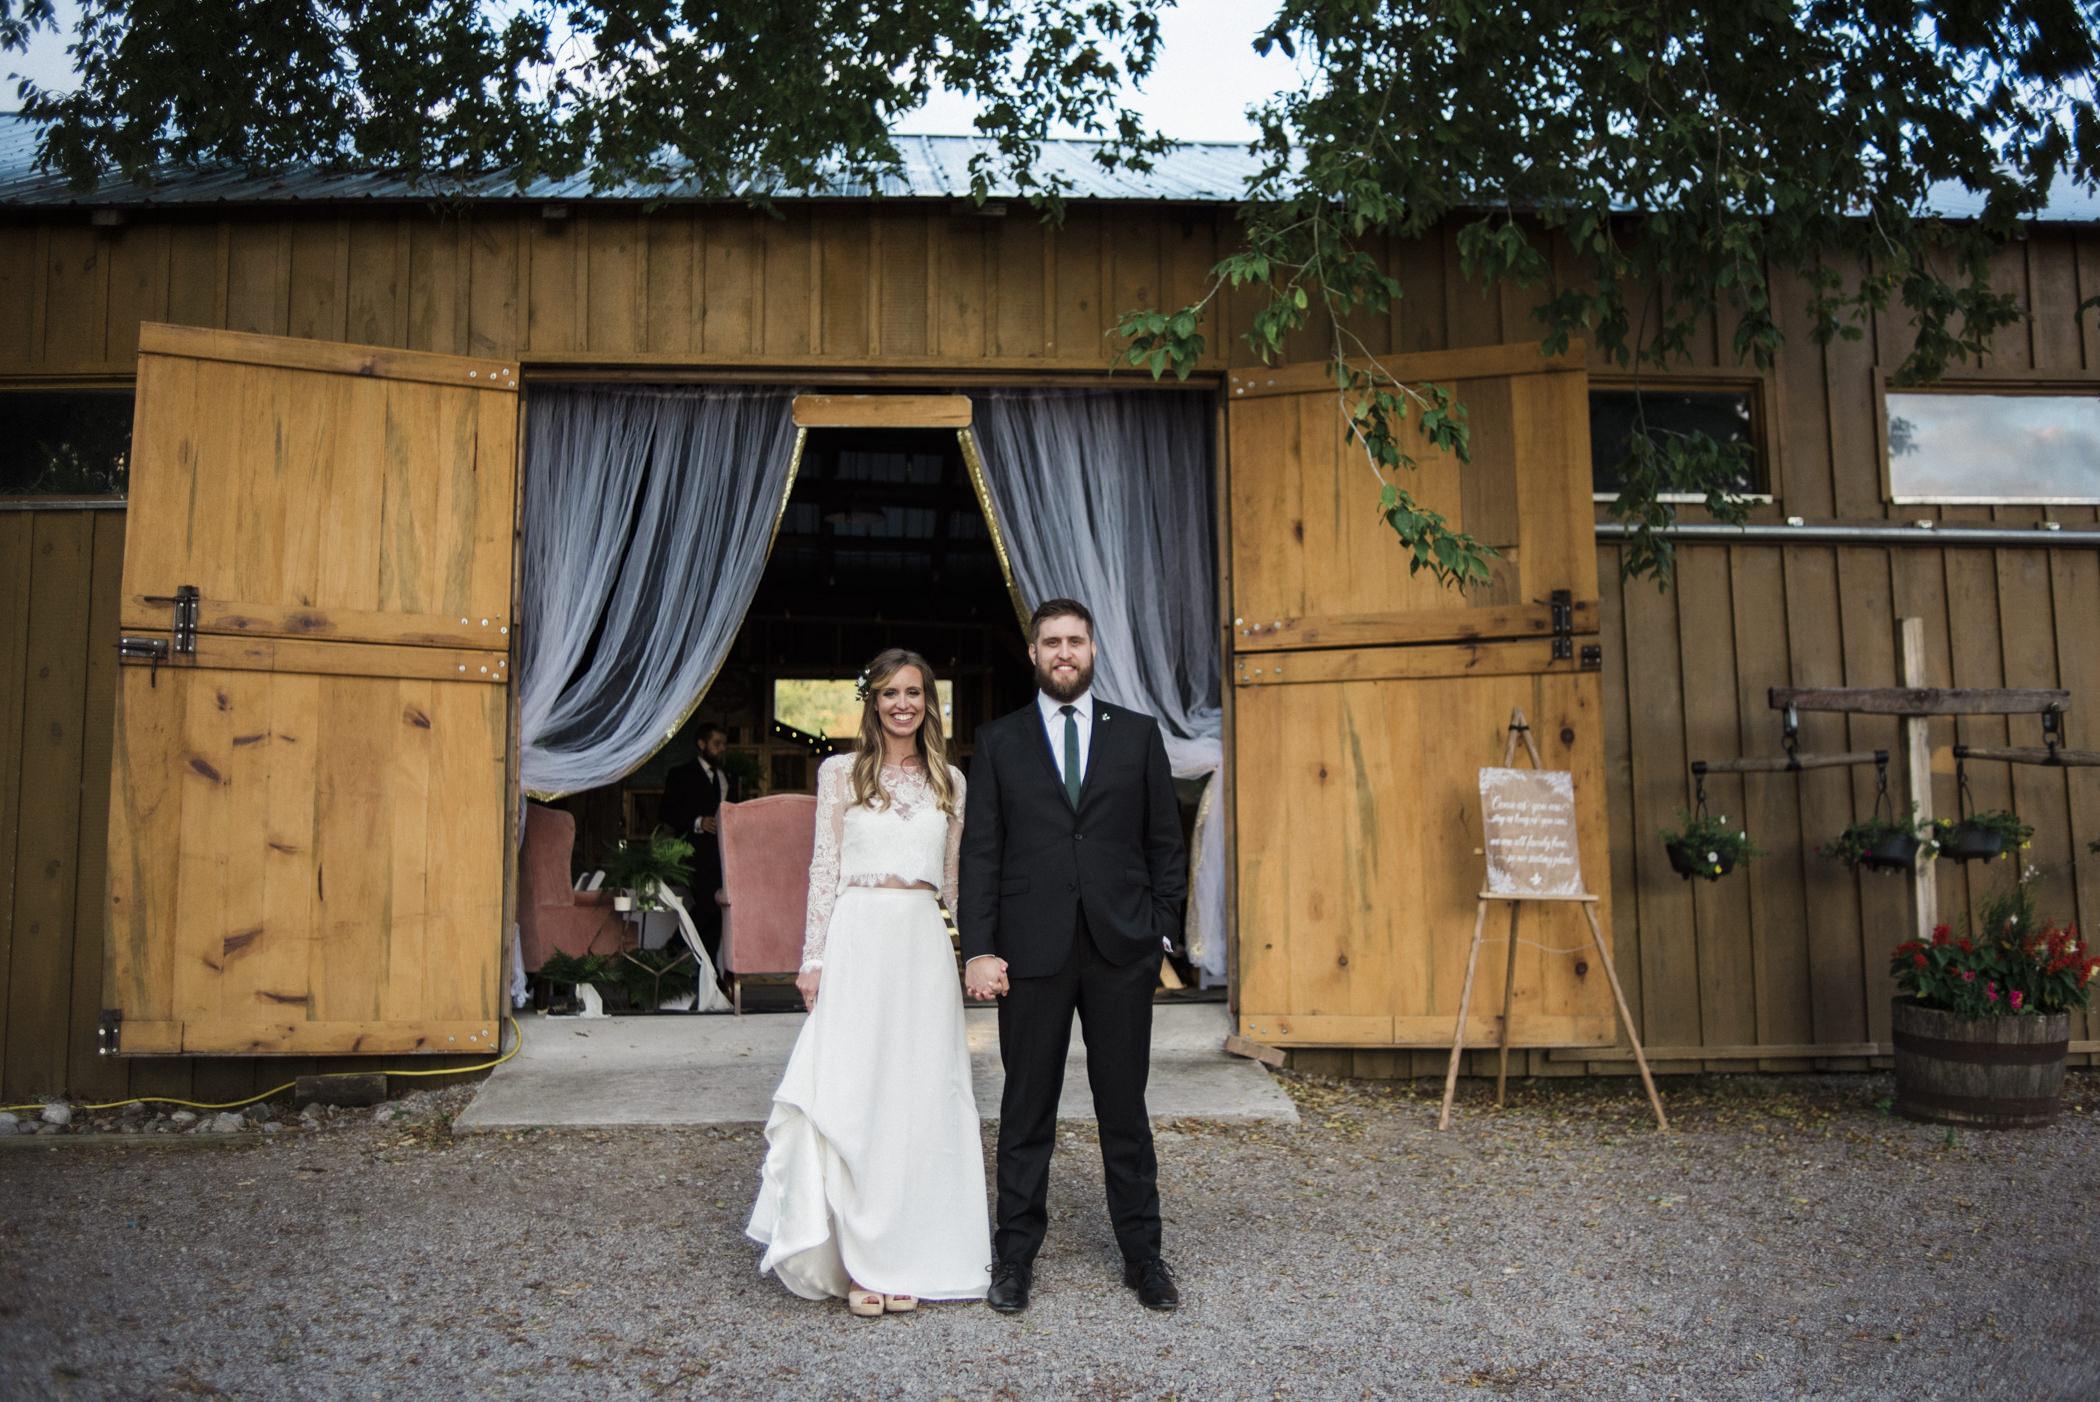 Country_Farm_Wedding-62